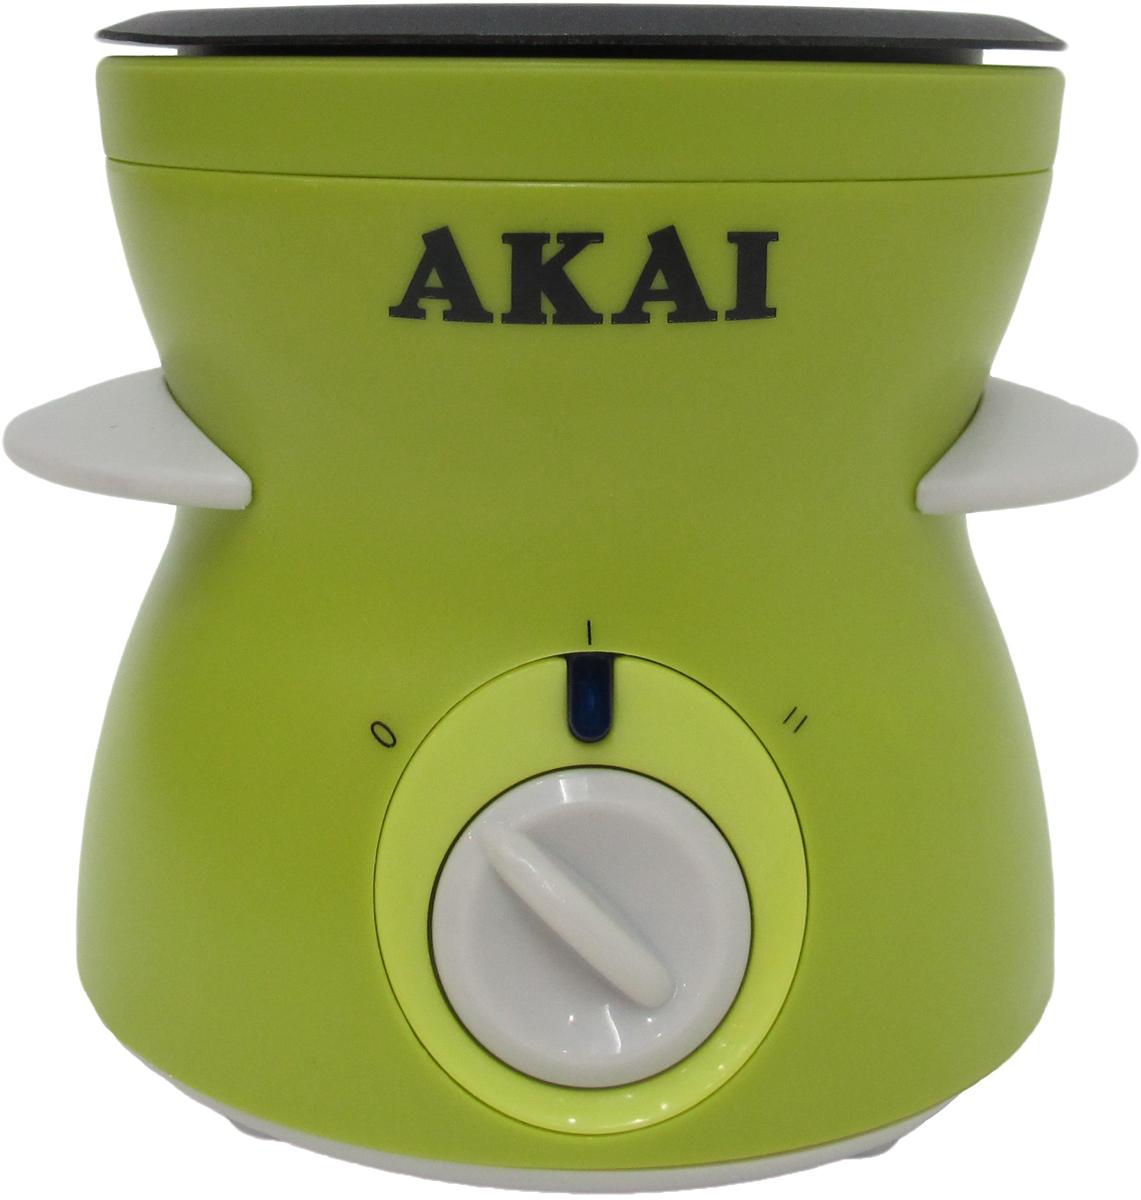 AKAI TF-1150G